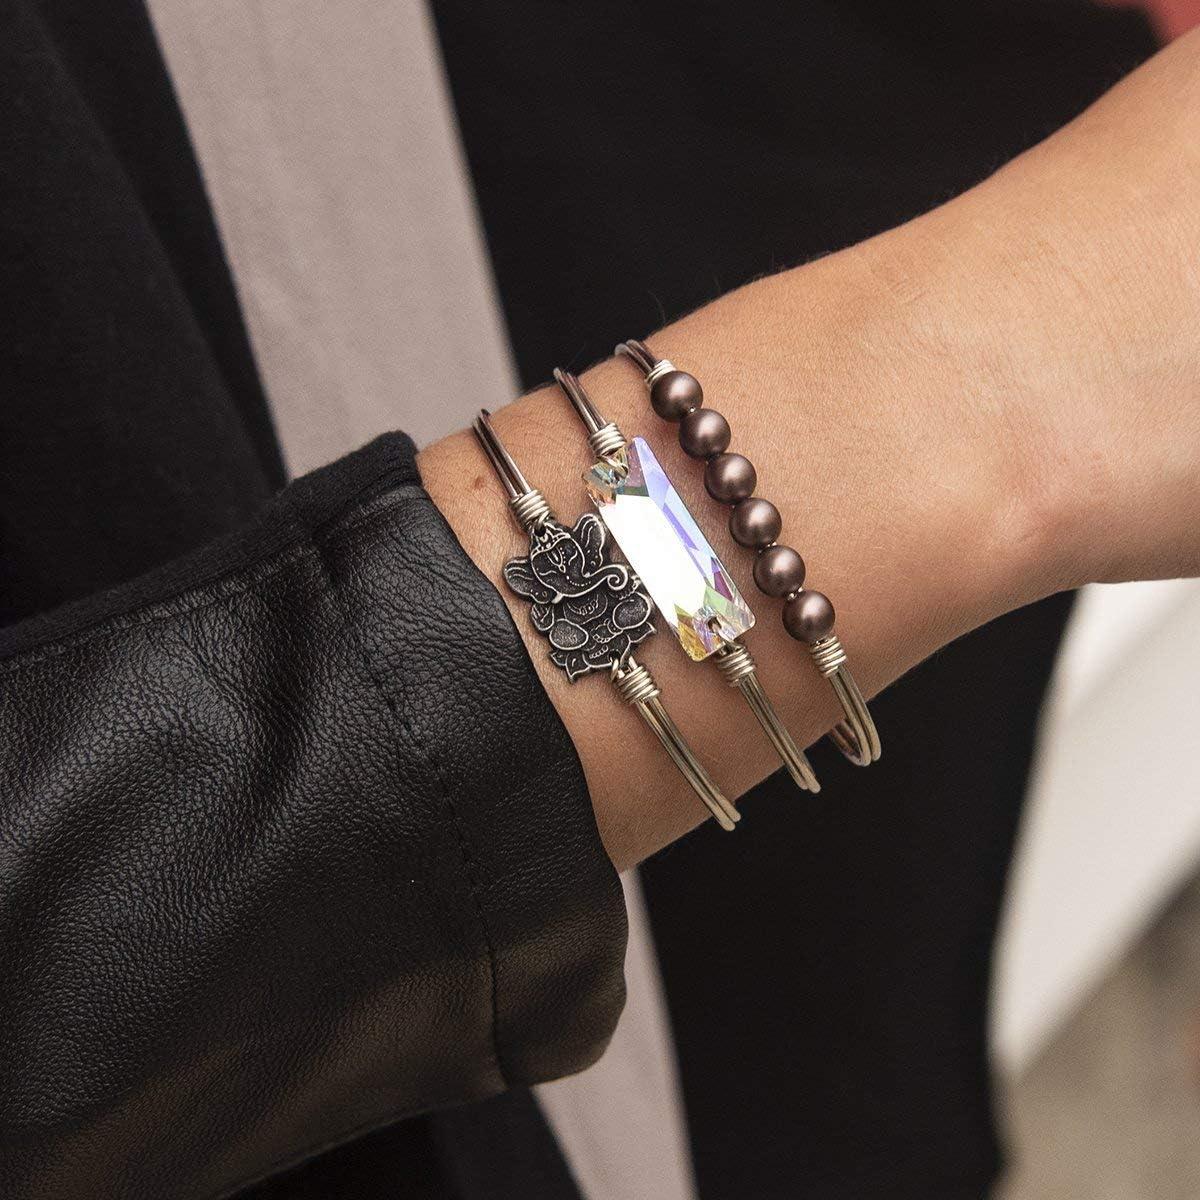 Luca Danni Ganesha Bangle Bracelet for Women Made in USA